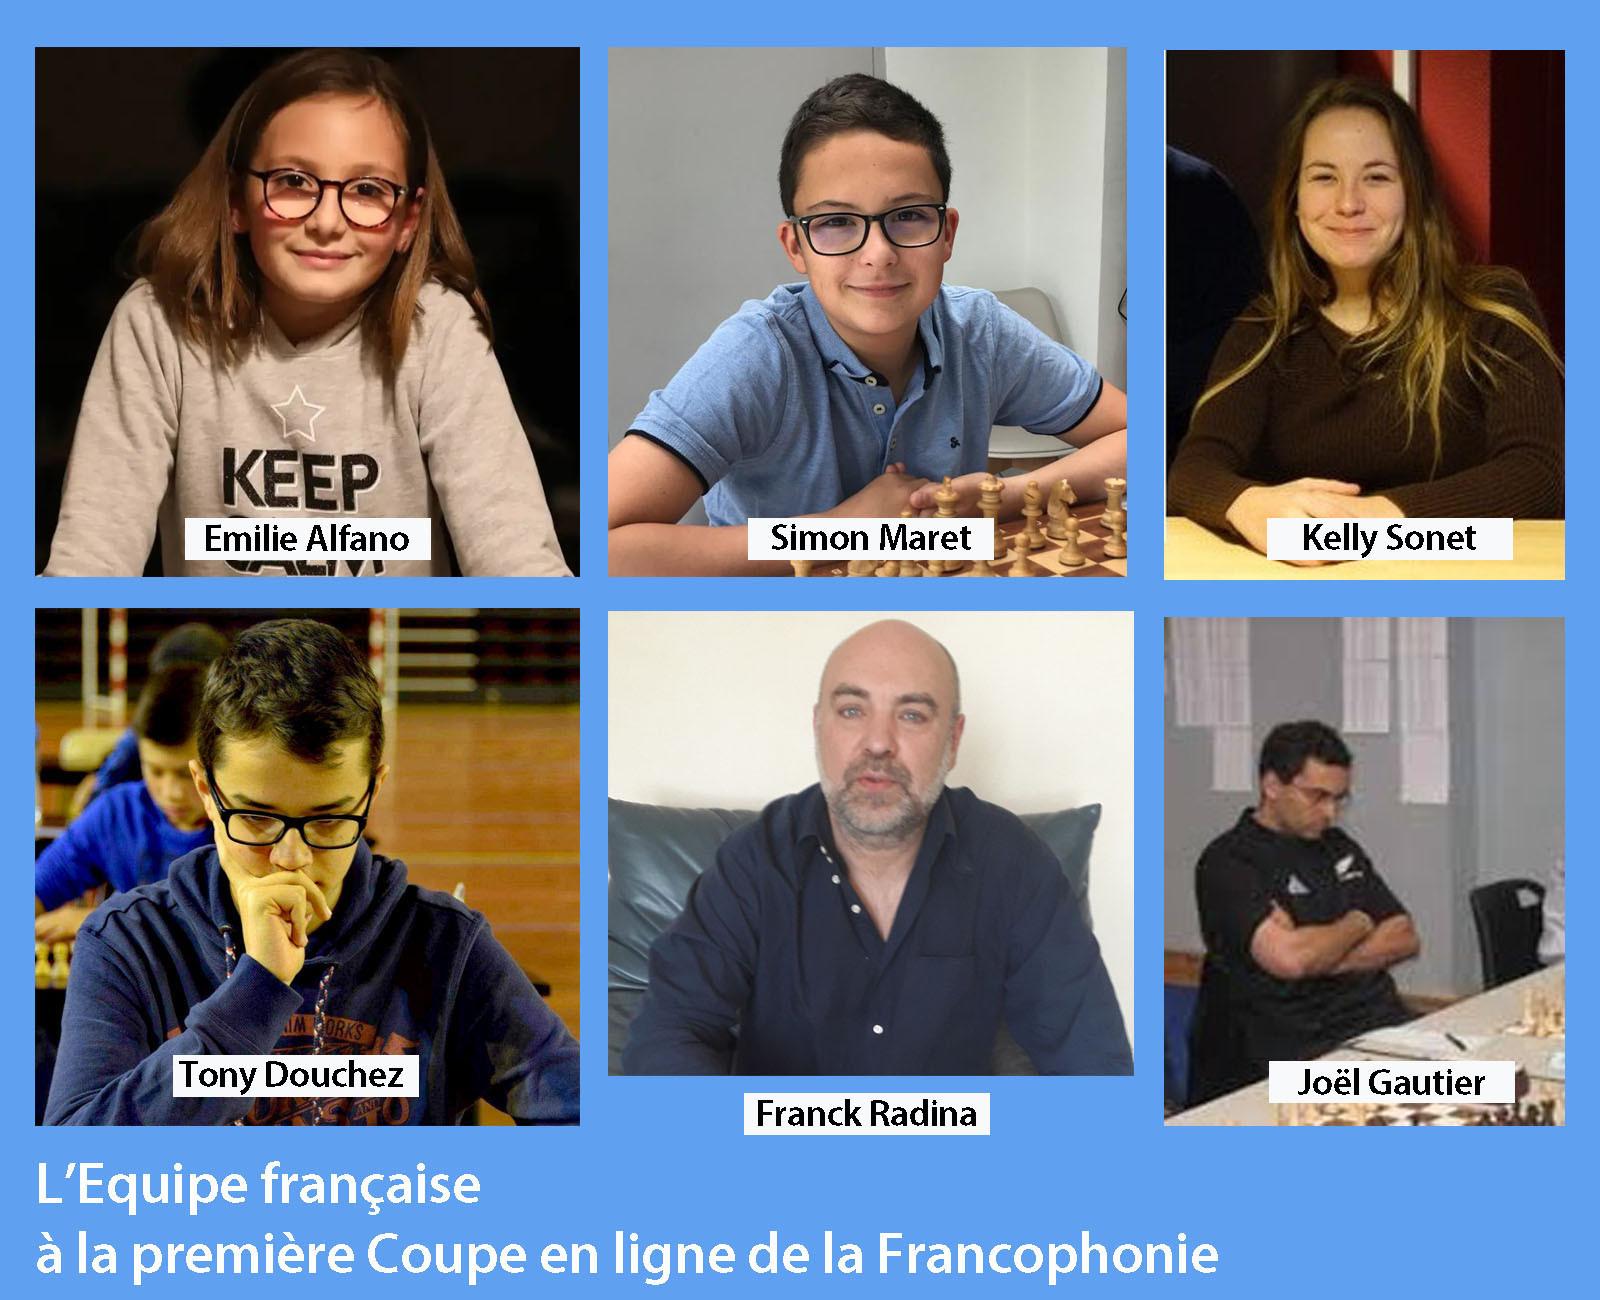 Franck Radina a participé à la première coupe en ligne de la Francophonie cover